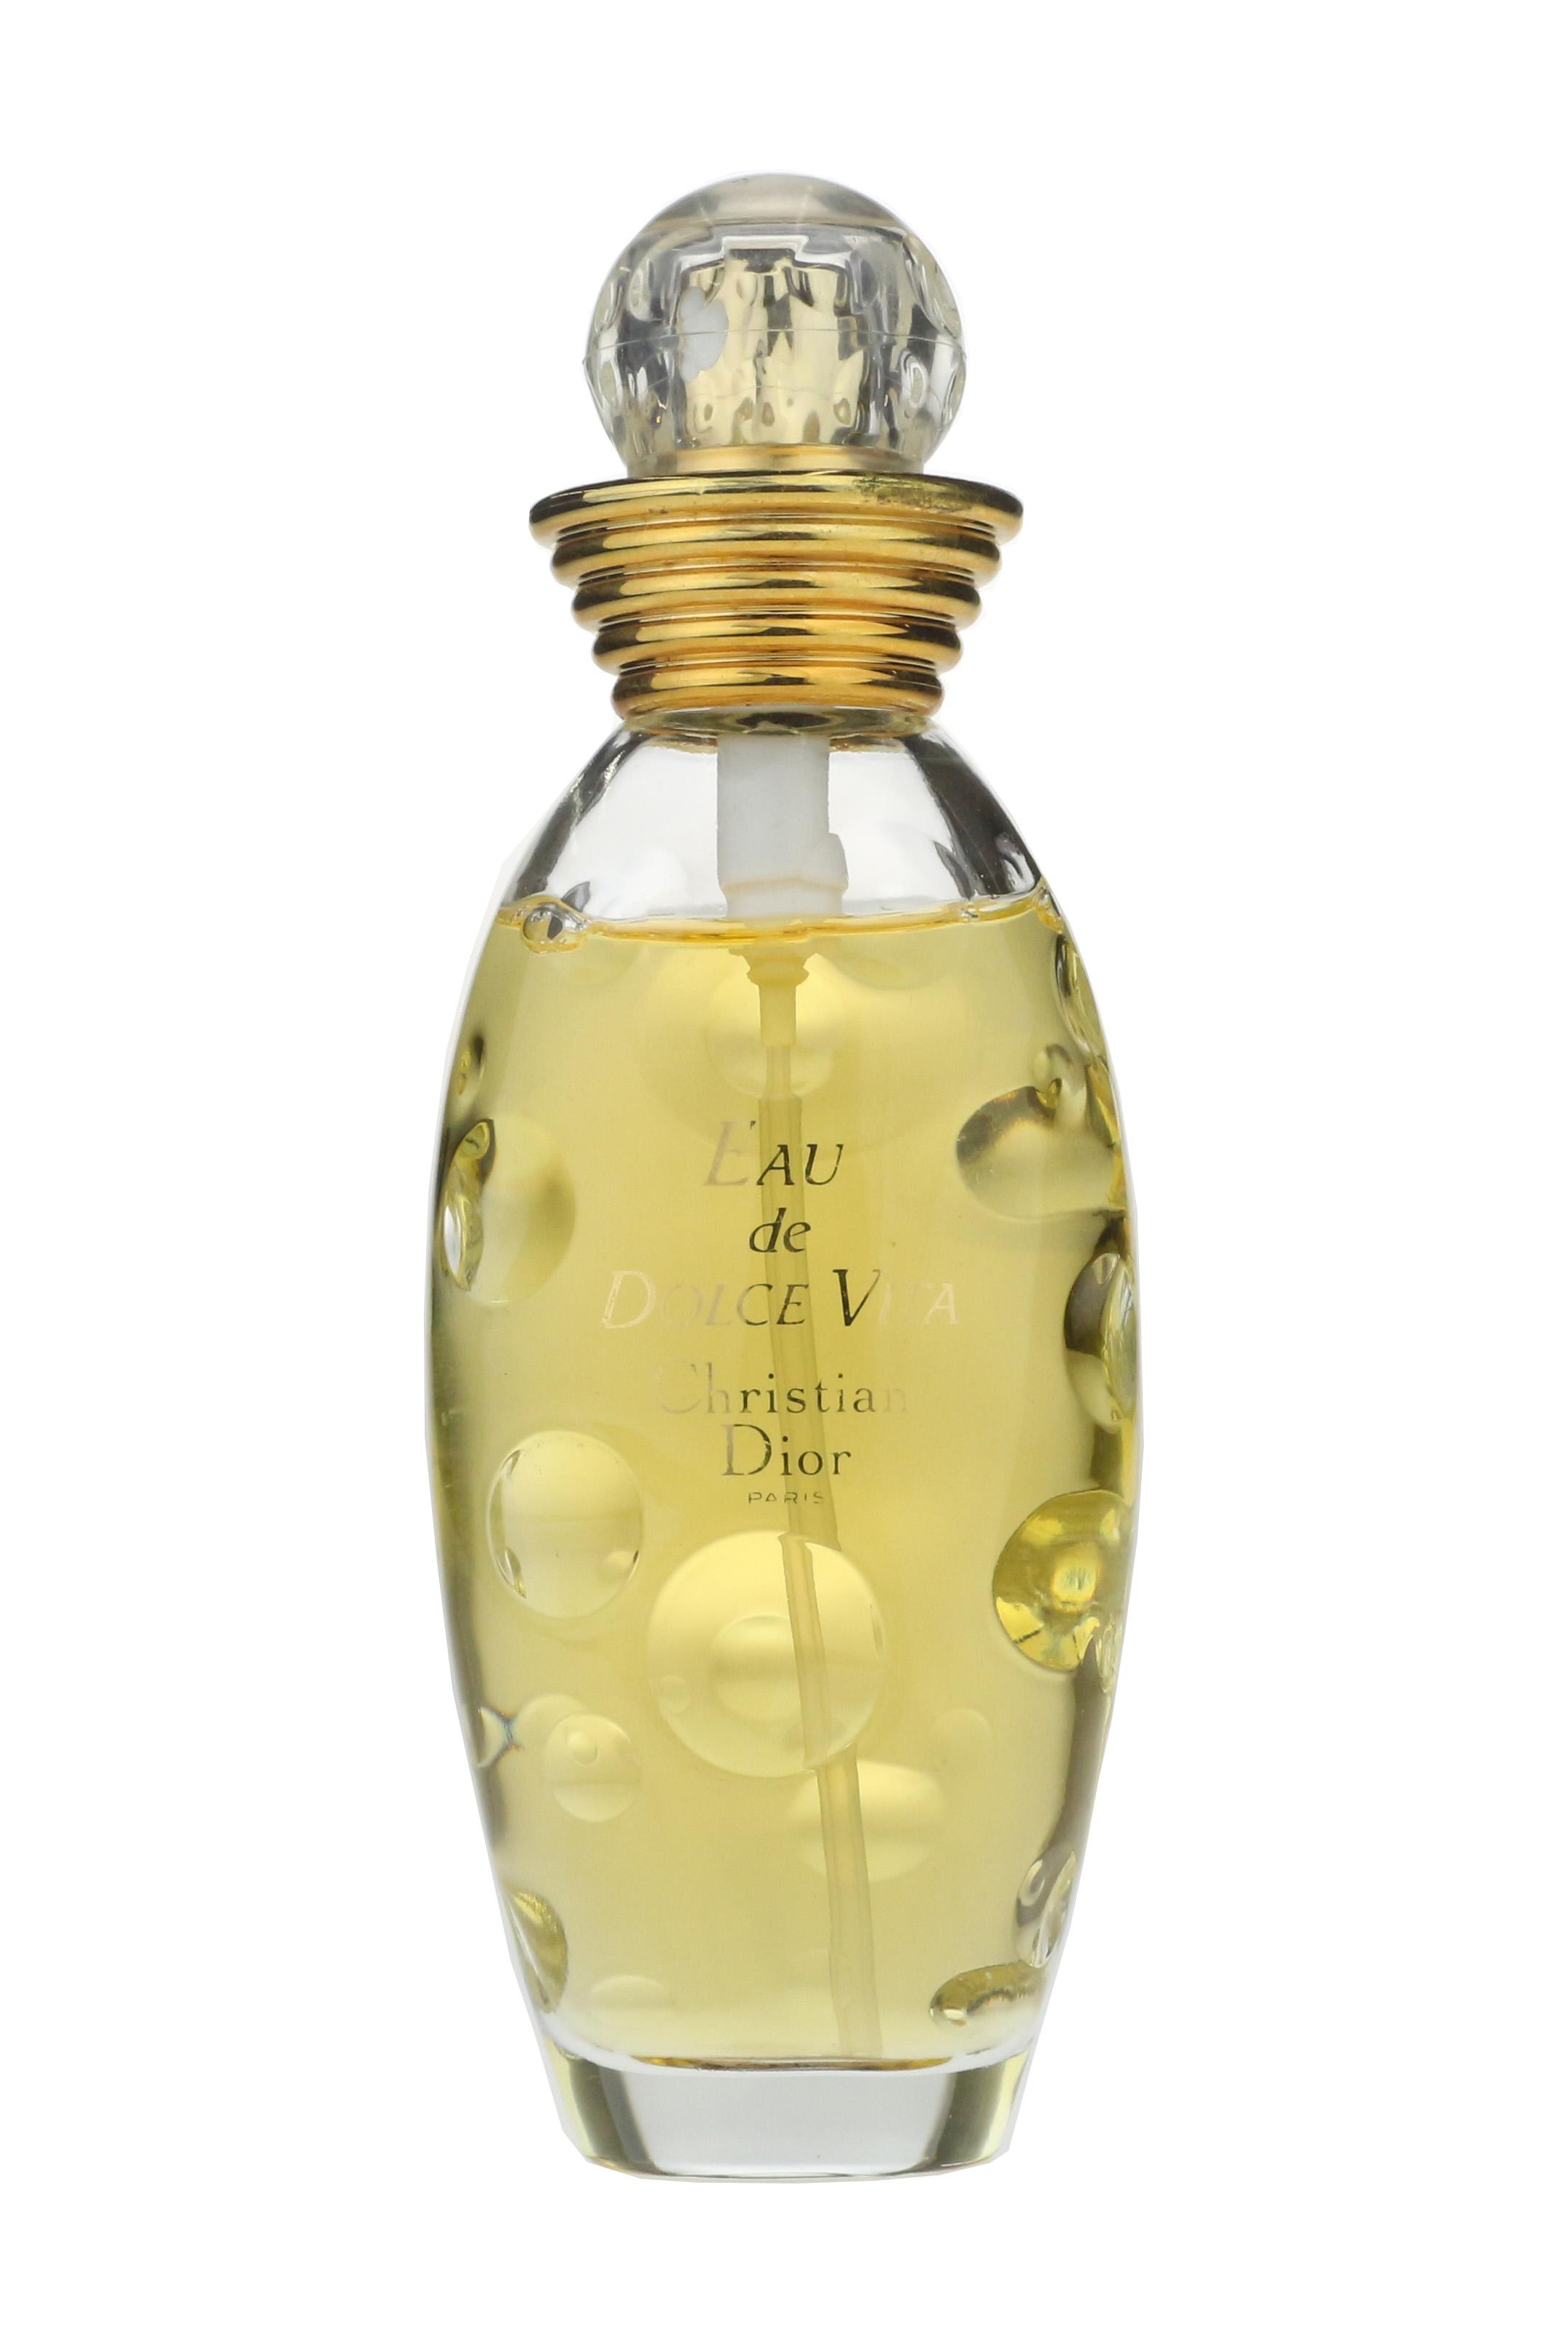 f9f89d28 Details about Christian Dior Eau De Dolce Vita Eau De Toilette Spray  1.7oz/50ml Unboxed